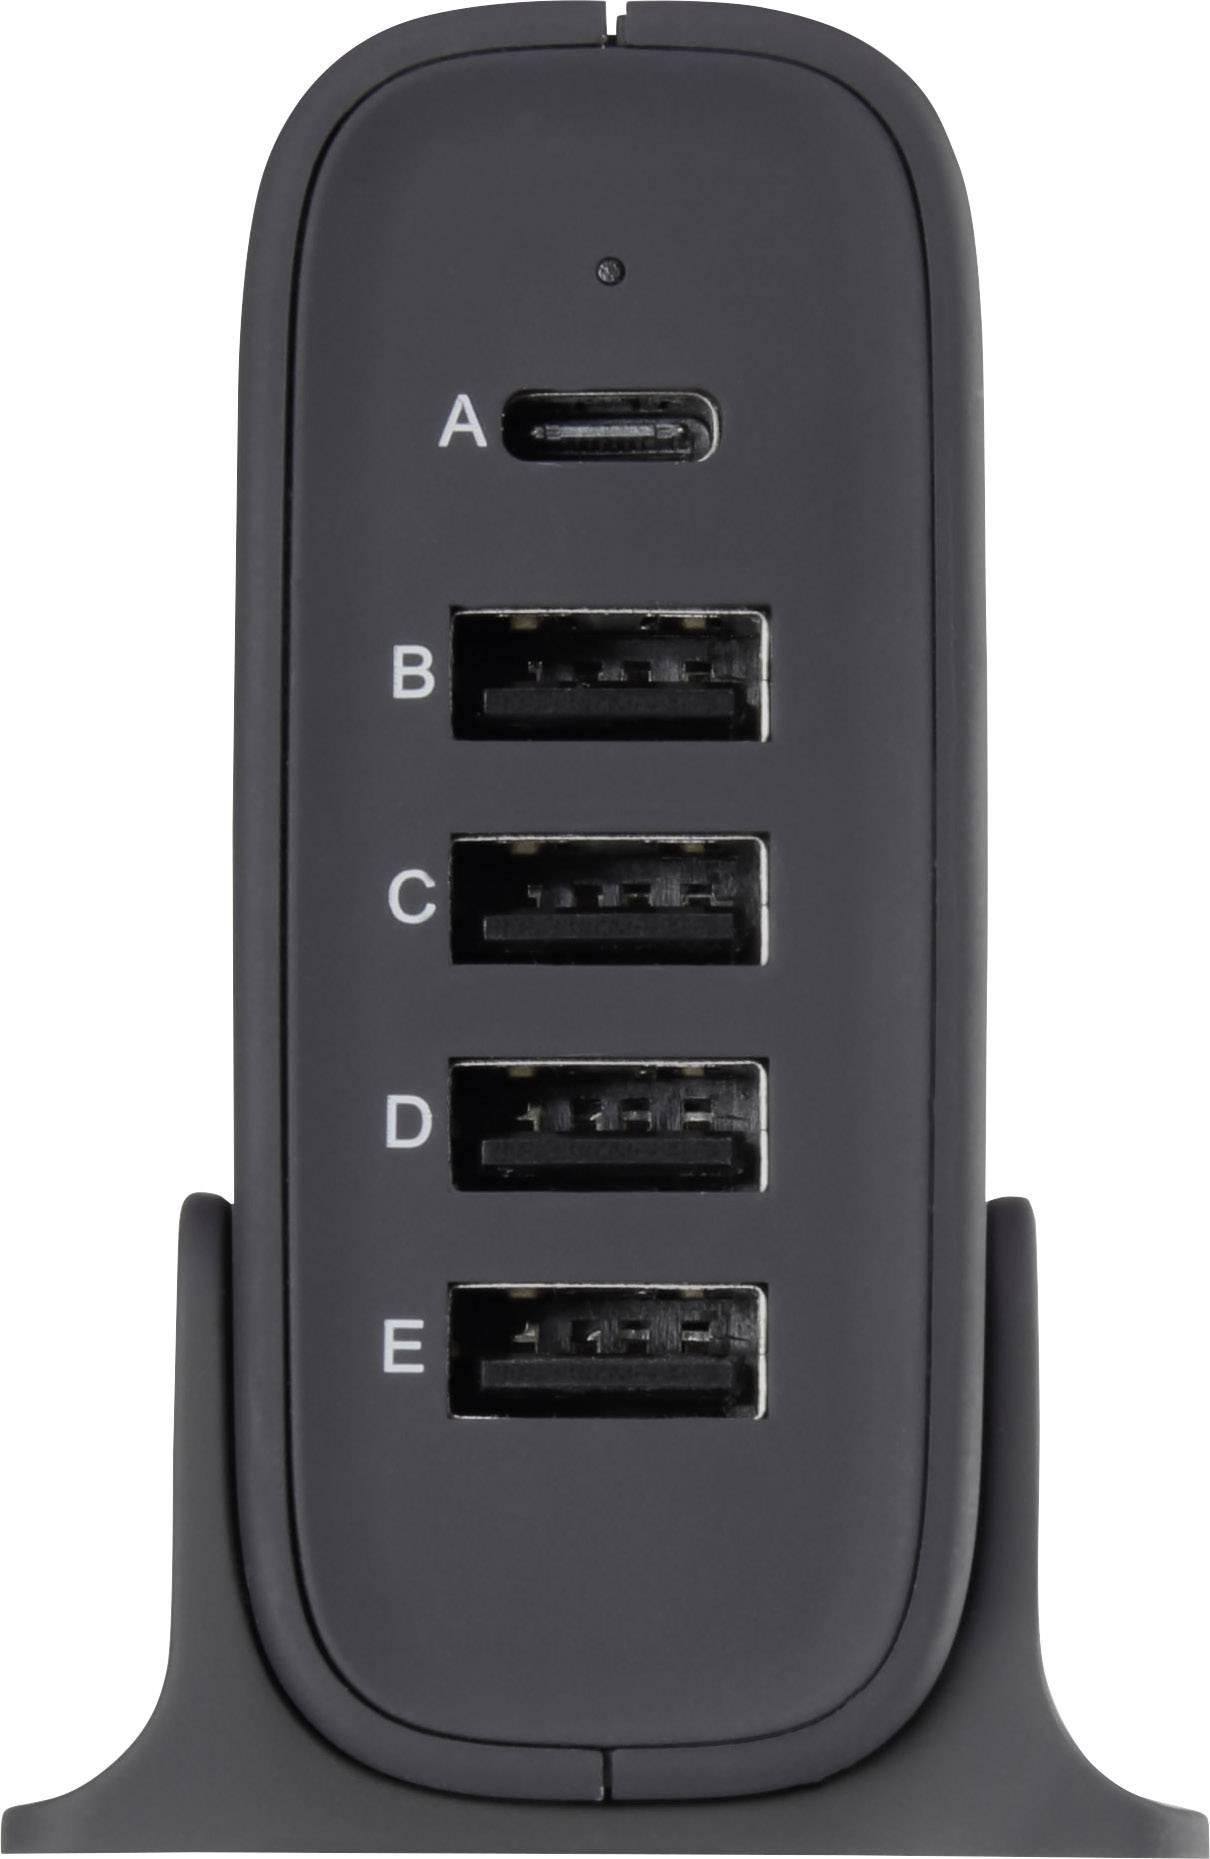 USB nabíječka VOLTCRAFT VC-8331410, nabíjecí proud 8 A, černá